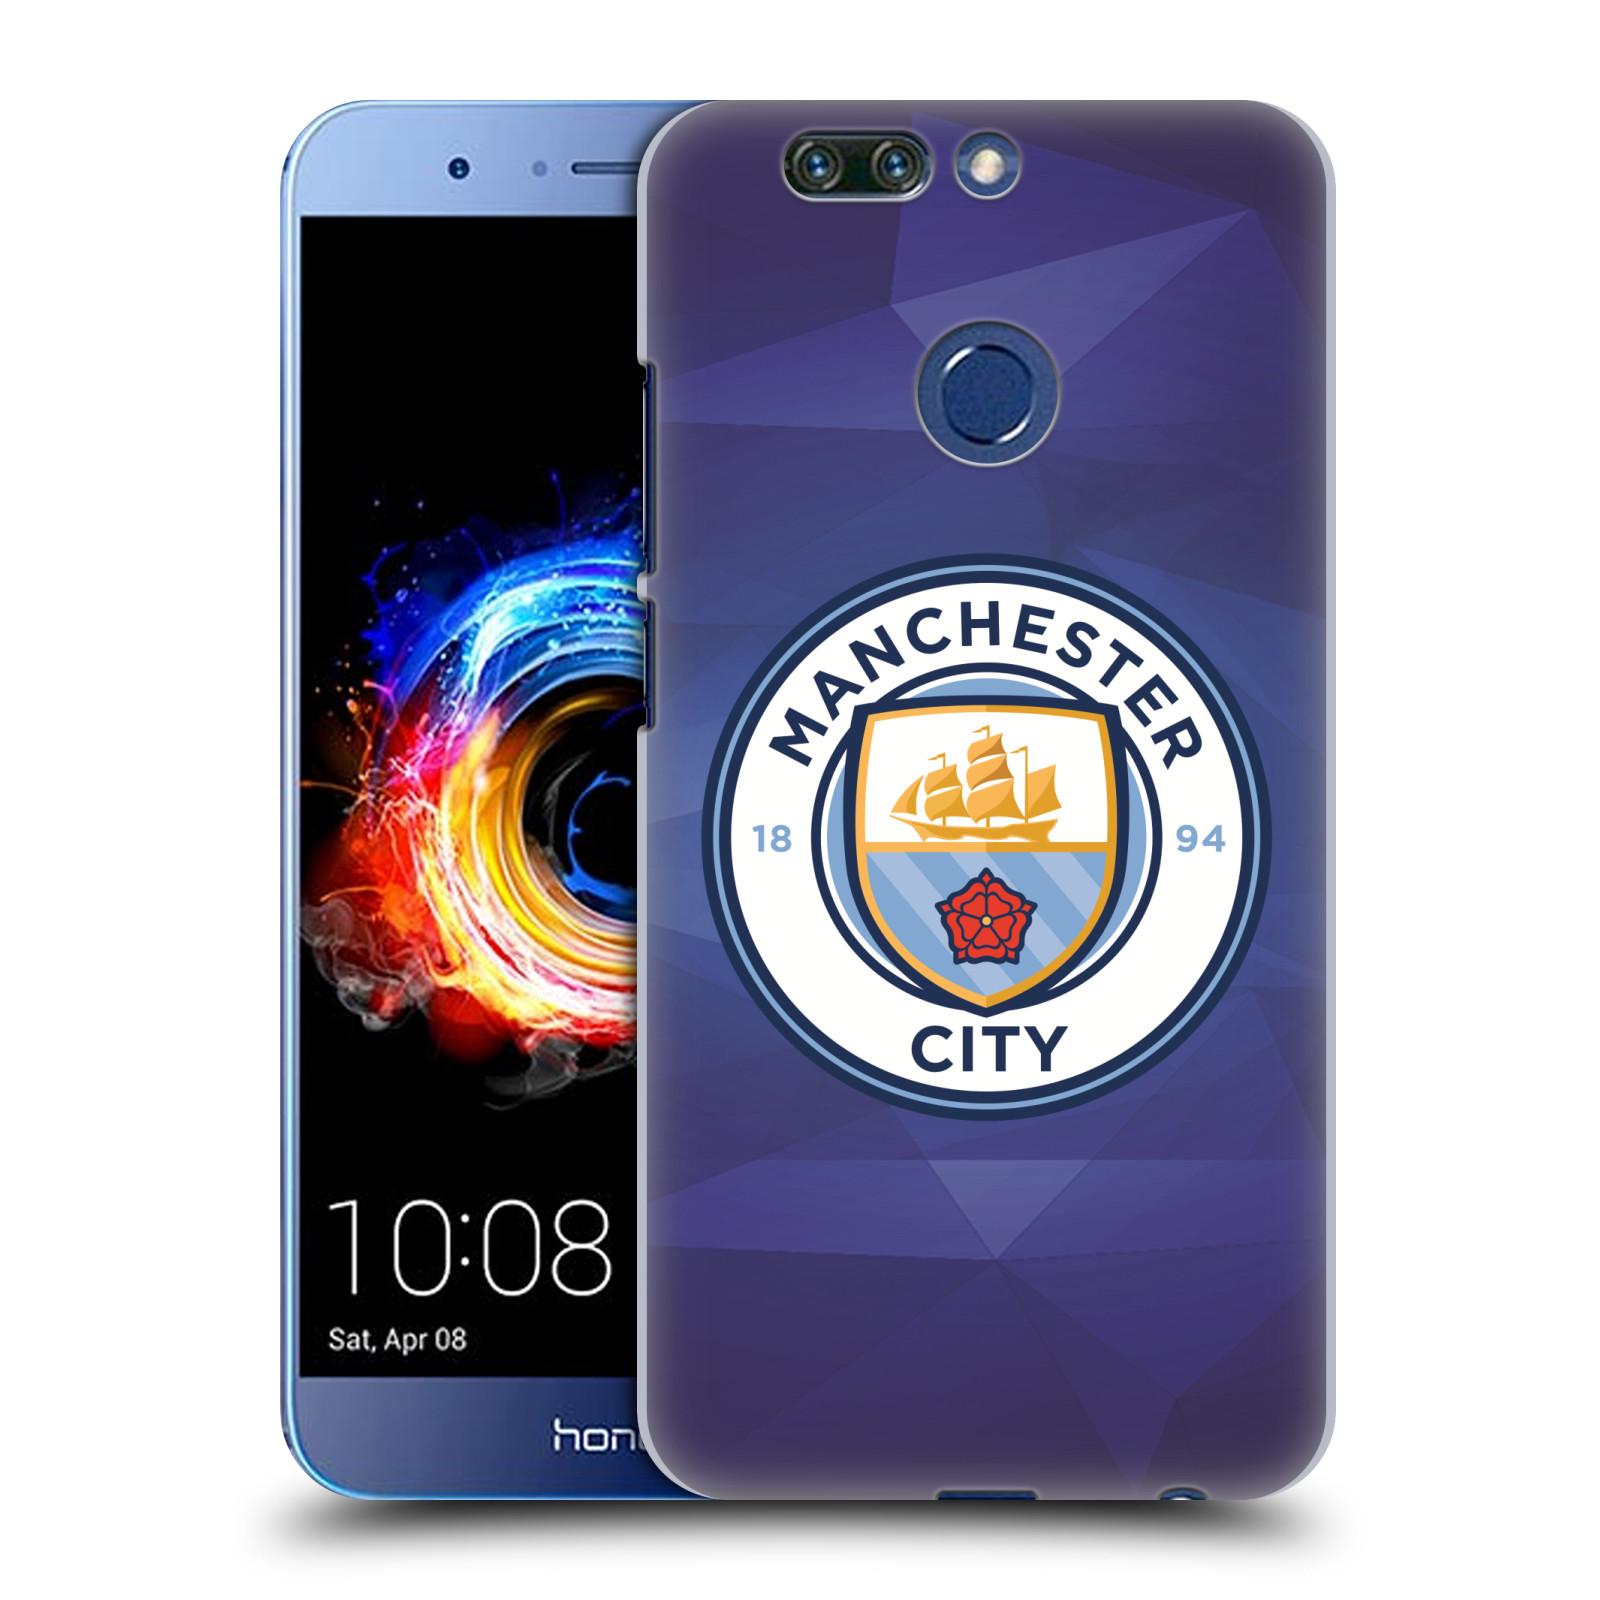 Plastové pouzdro na mobil Honor 8 Pro - Head Case - Manchester City FC - Modré nové logo (Plastový kryt či obal na mobilní telefon Honor 8 Pro s motivem Manchester City FC - Modré nové logo)